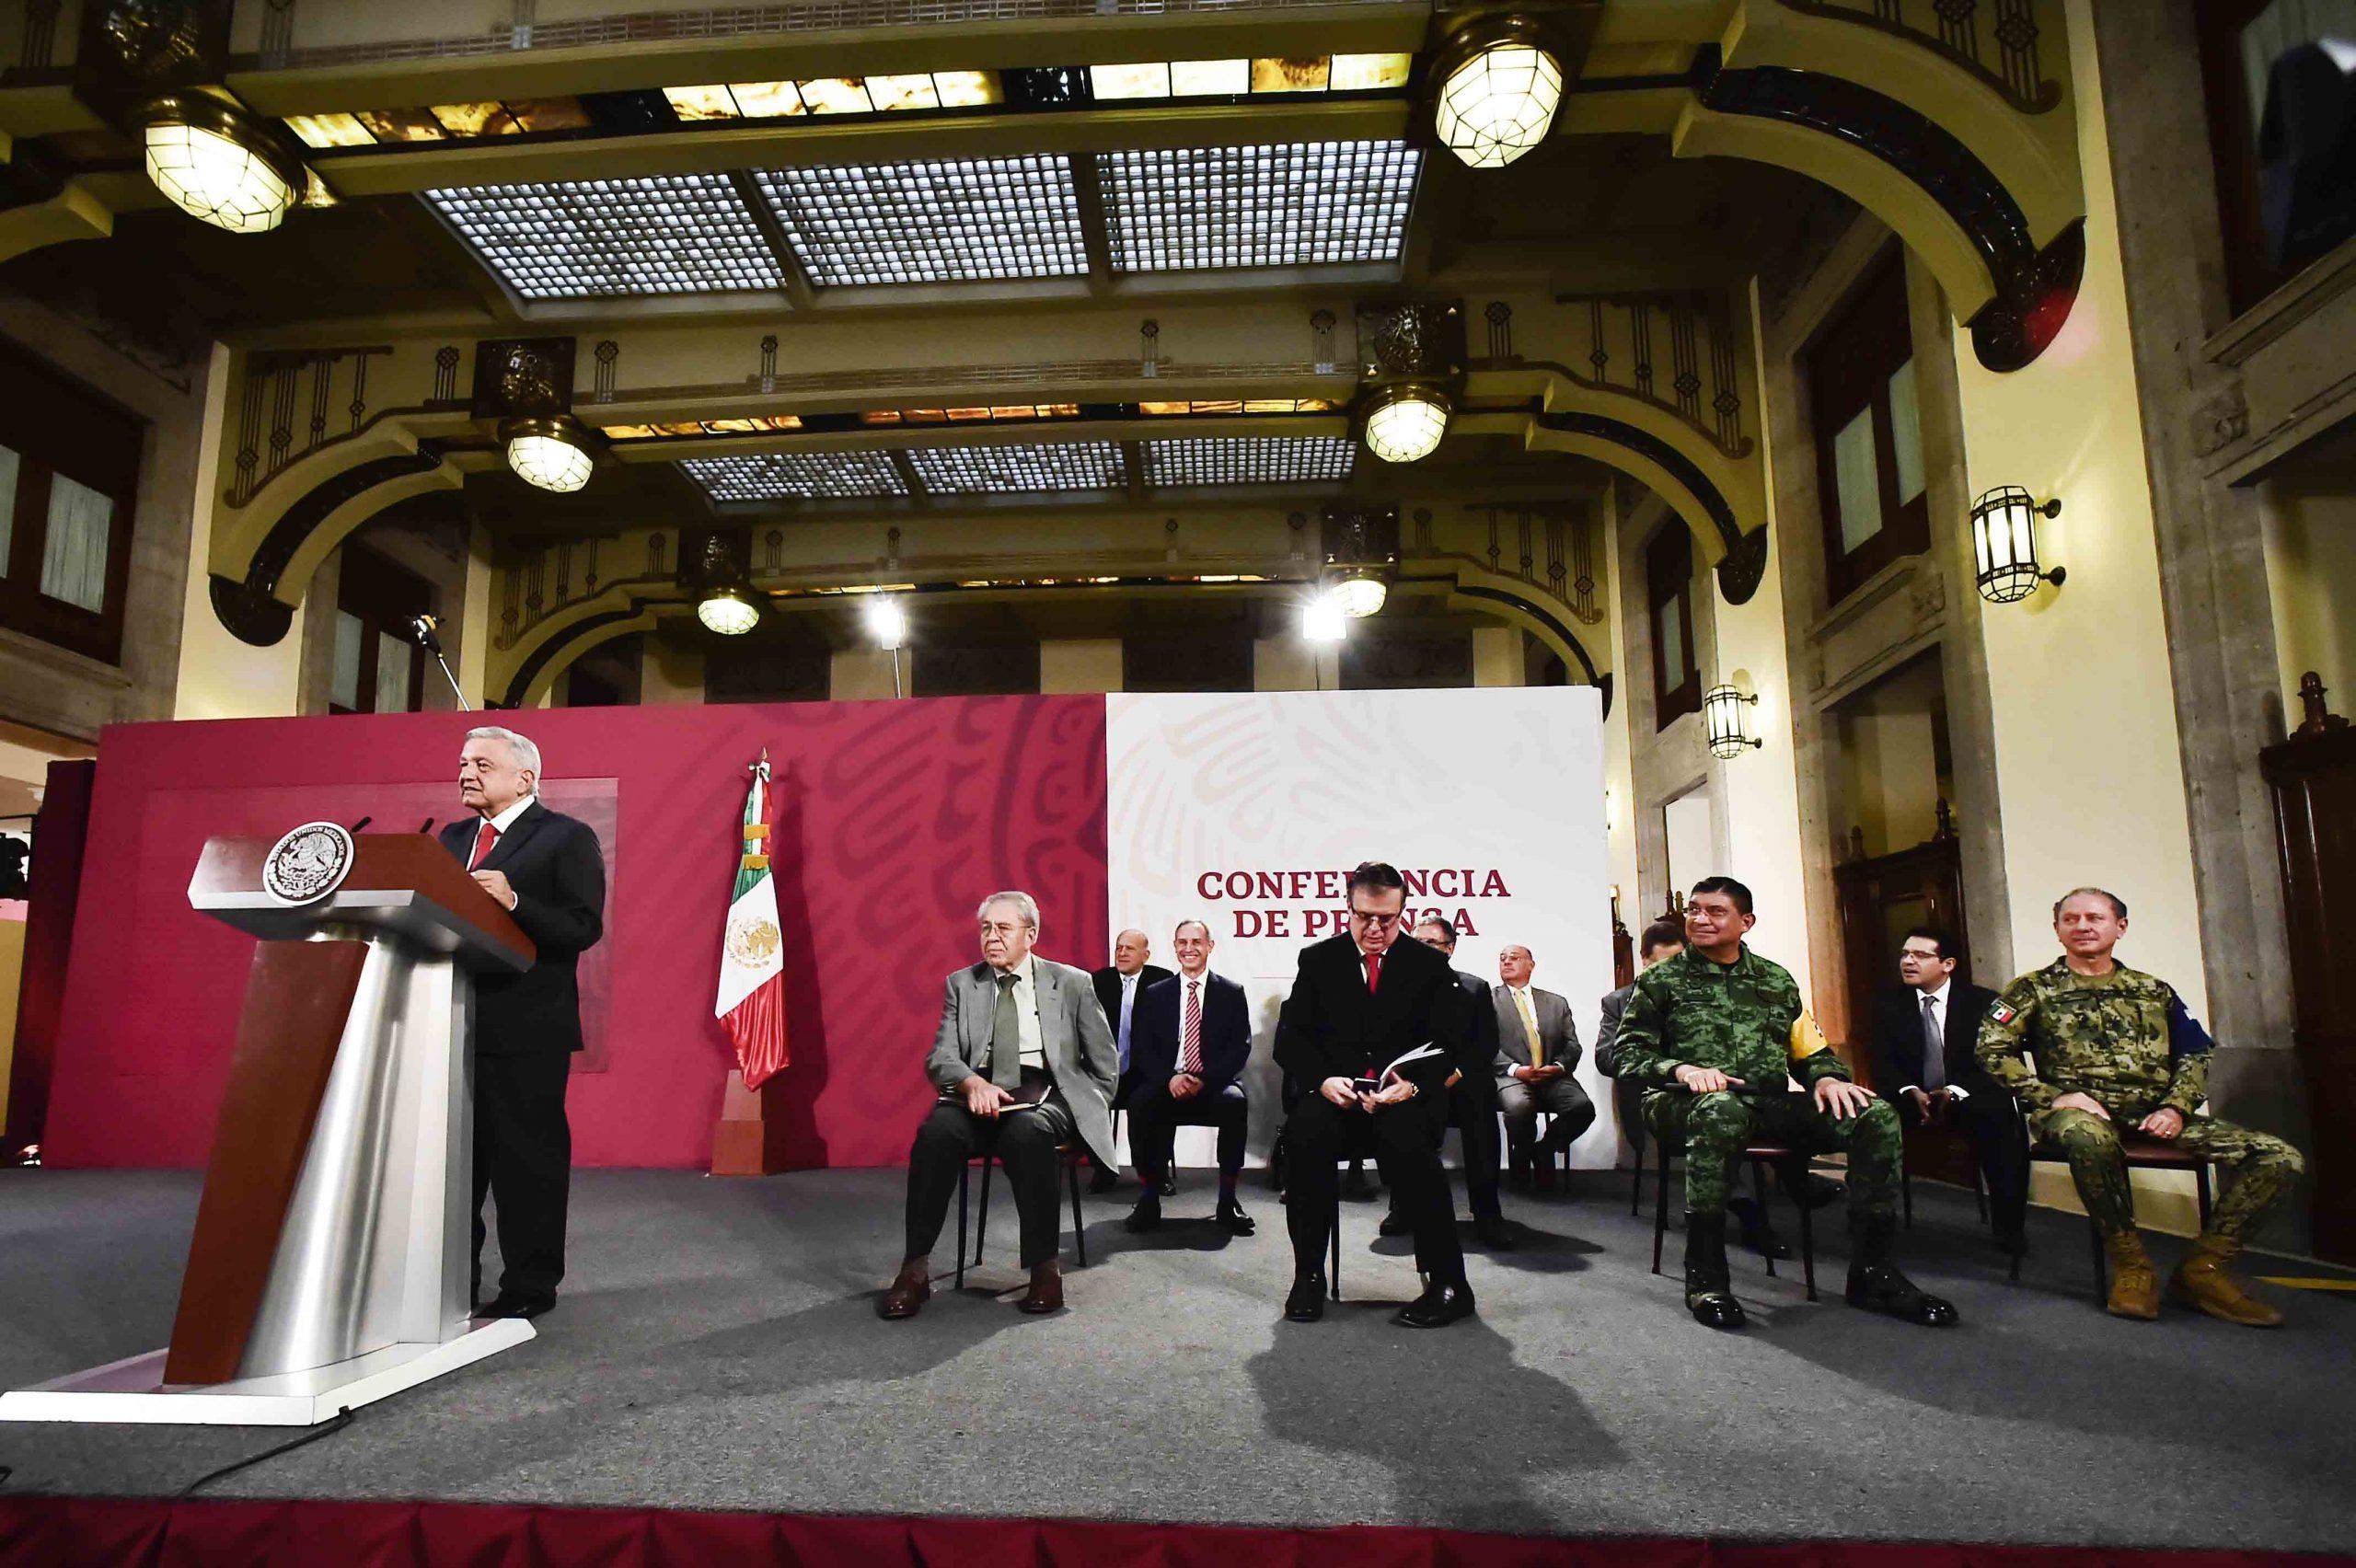 El presidente de México, Andrés Manuel López Obrador, en conferencia matutina en la Ciudad de México, México, 21 de abril de 2020.